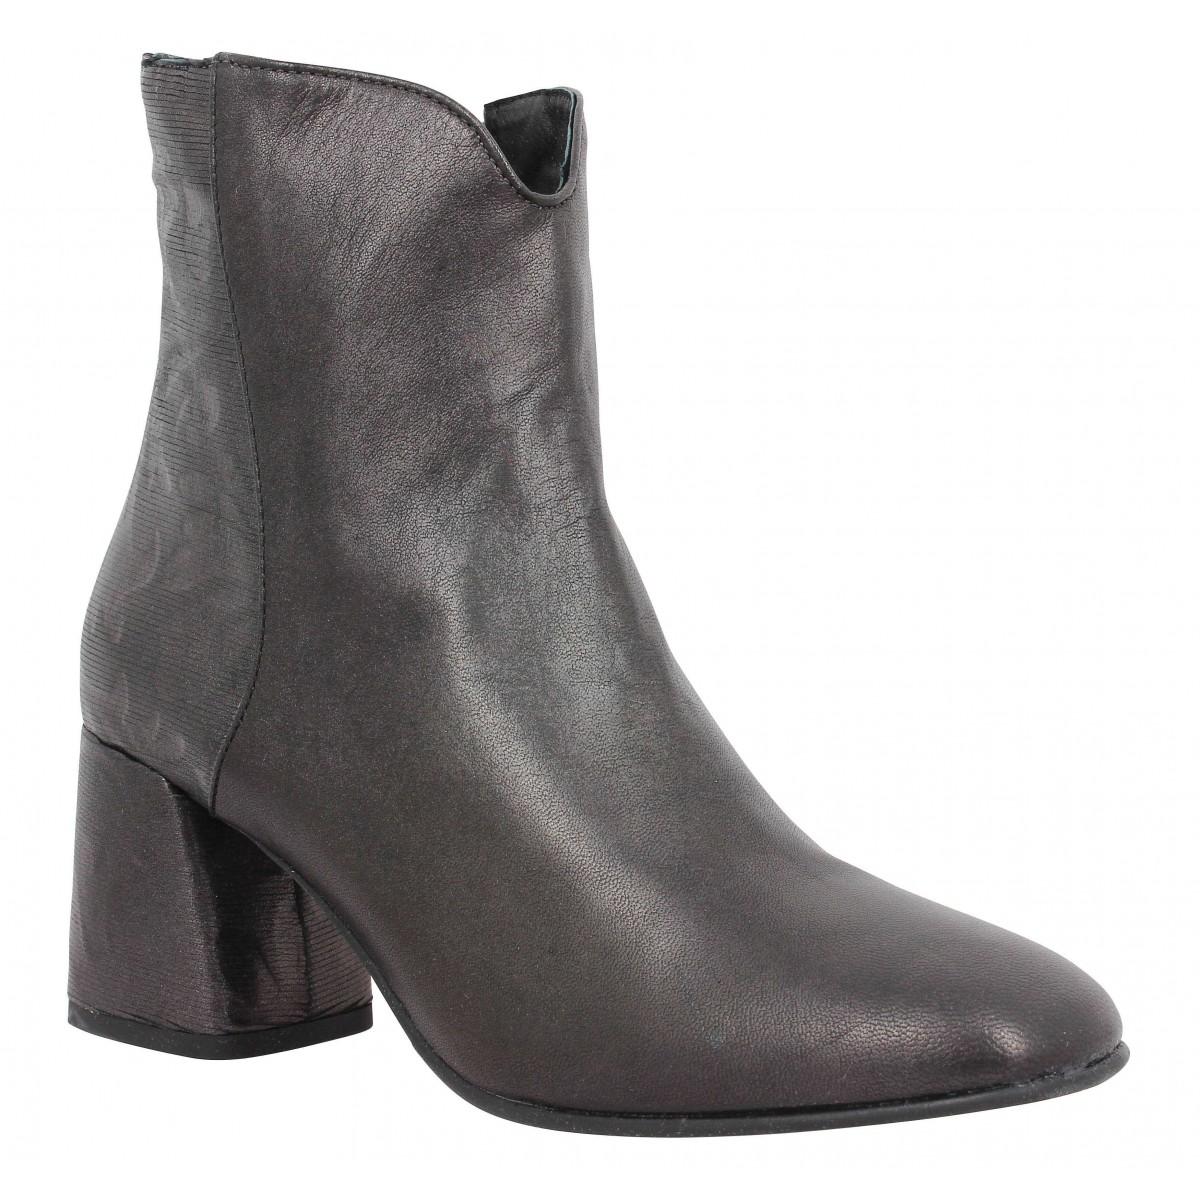 POESIE VENEZIANE 718 cuir Femme-38-Noir